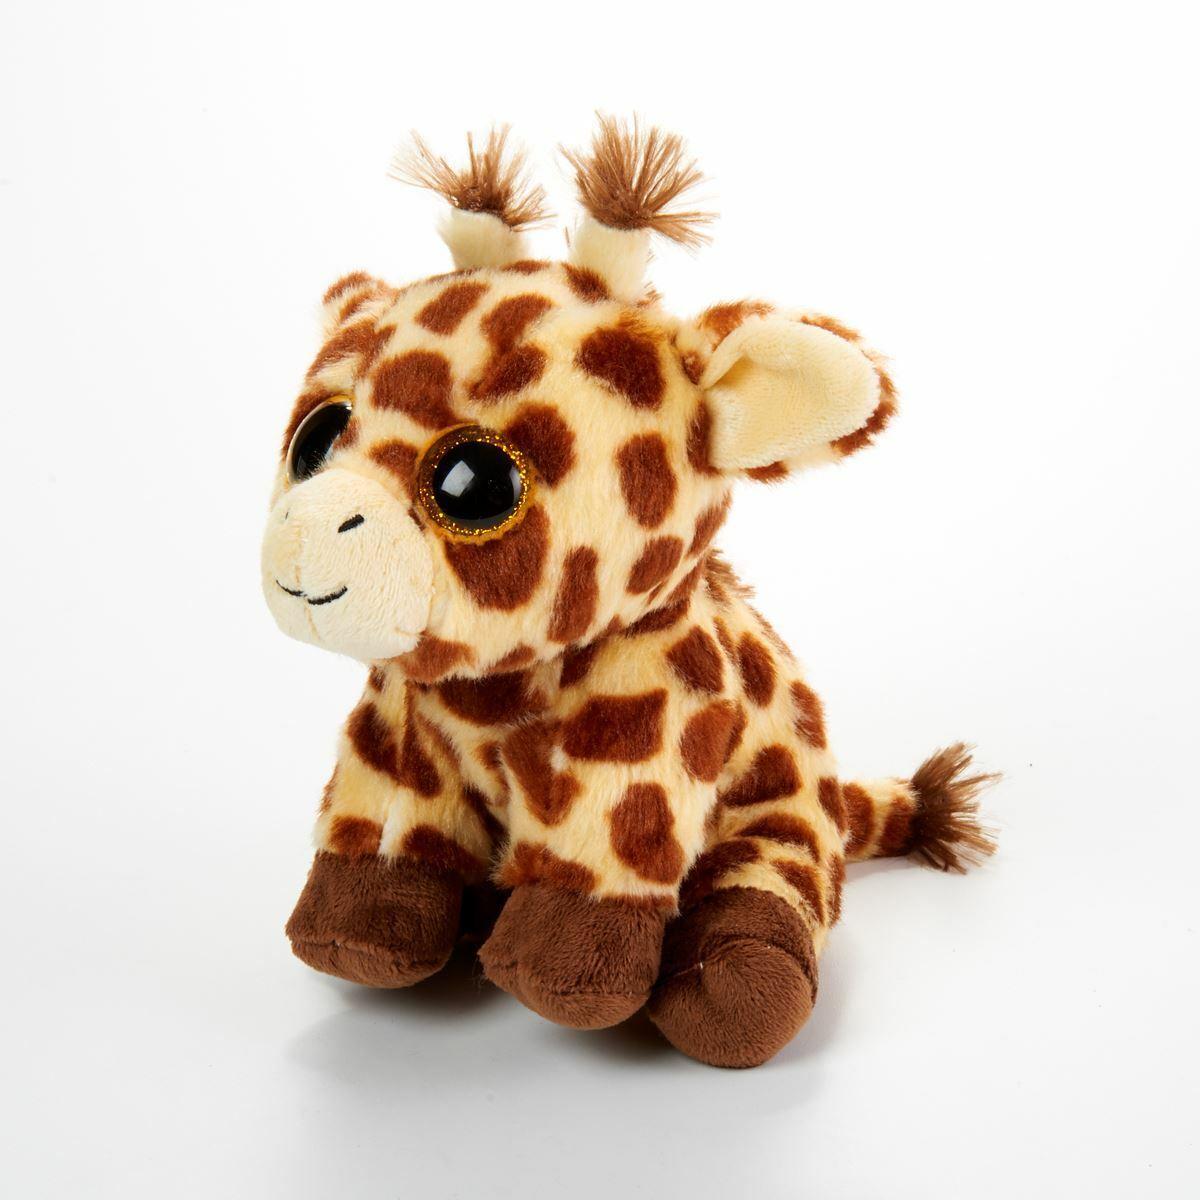 Peaches Giraffe - Ty Beanie Babies 6 inch - TY Boo Plush Ted